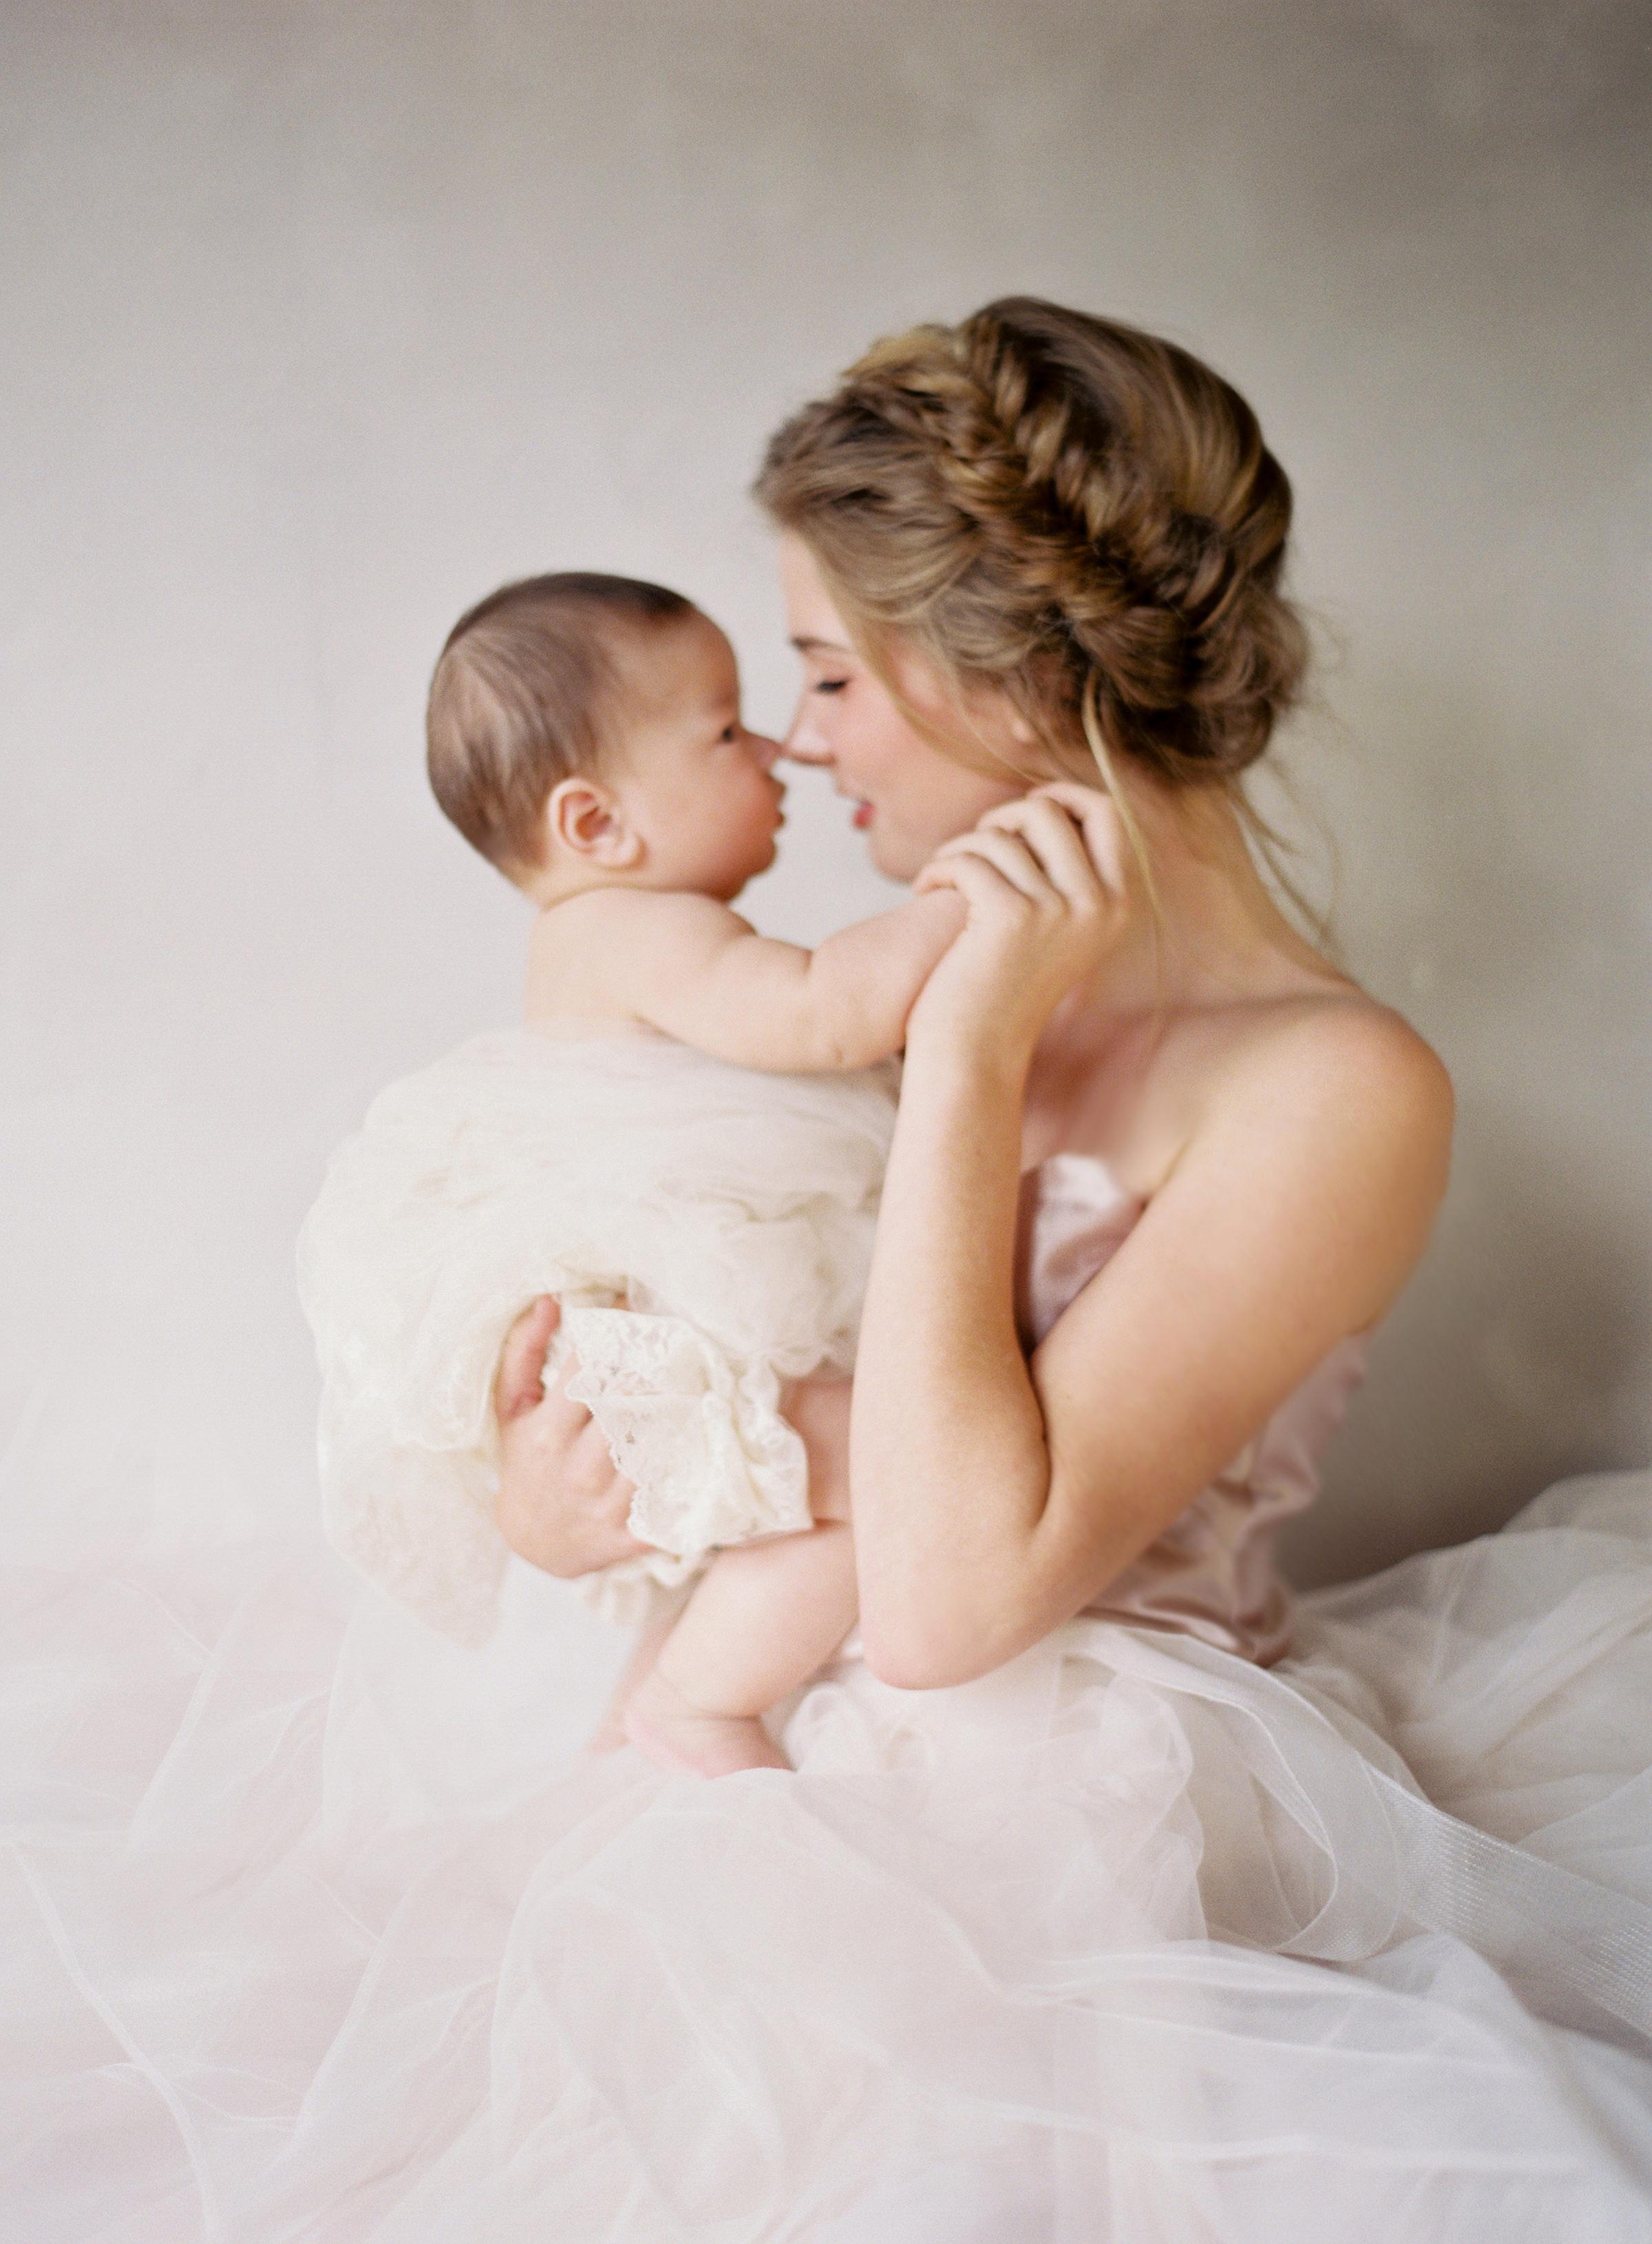 Bride with baby by Jen Huang Bogan of Santa Barbara